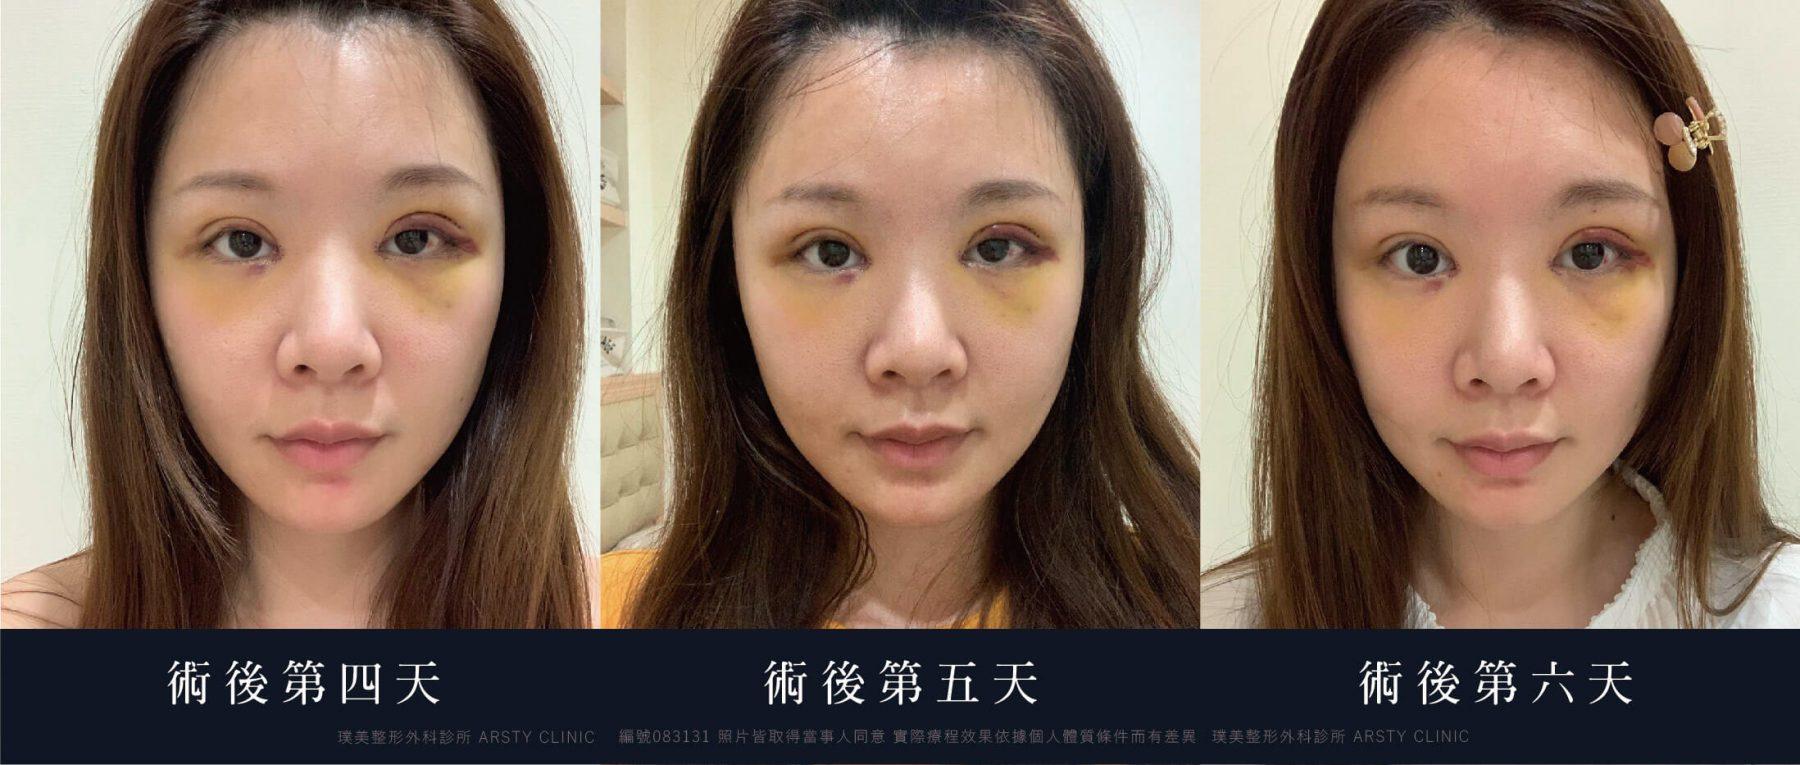 083131 割雙眼皮 開眼頭 提眼瞼肌 眉下取脂 11